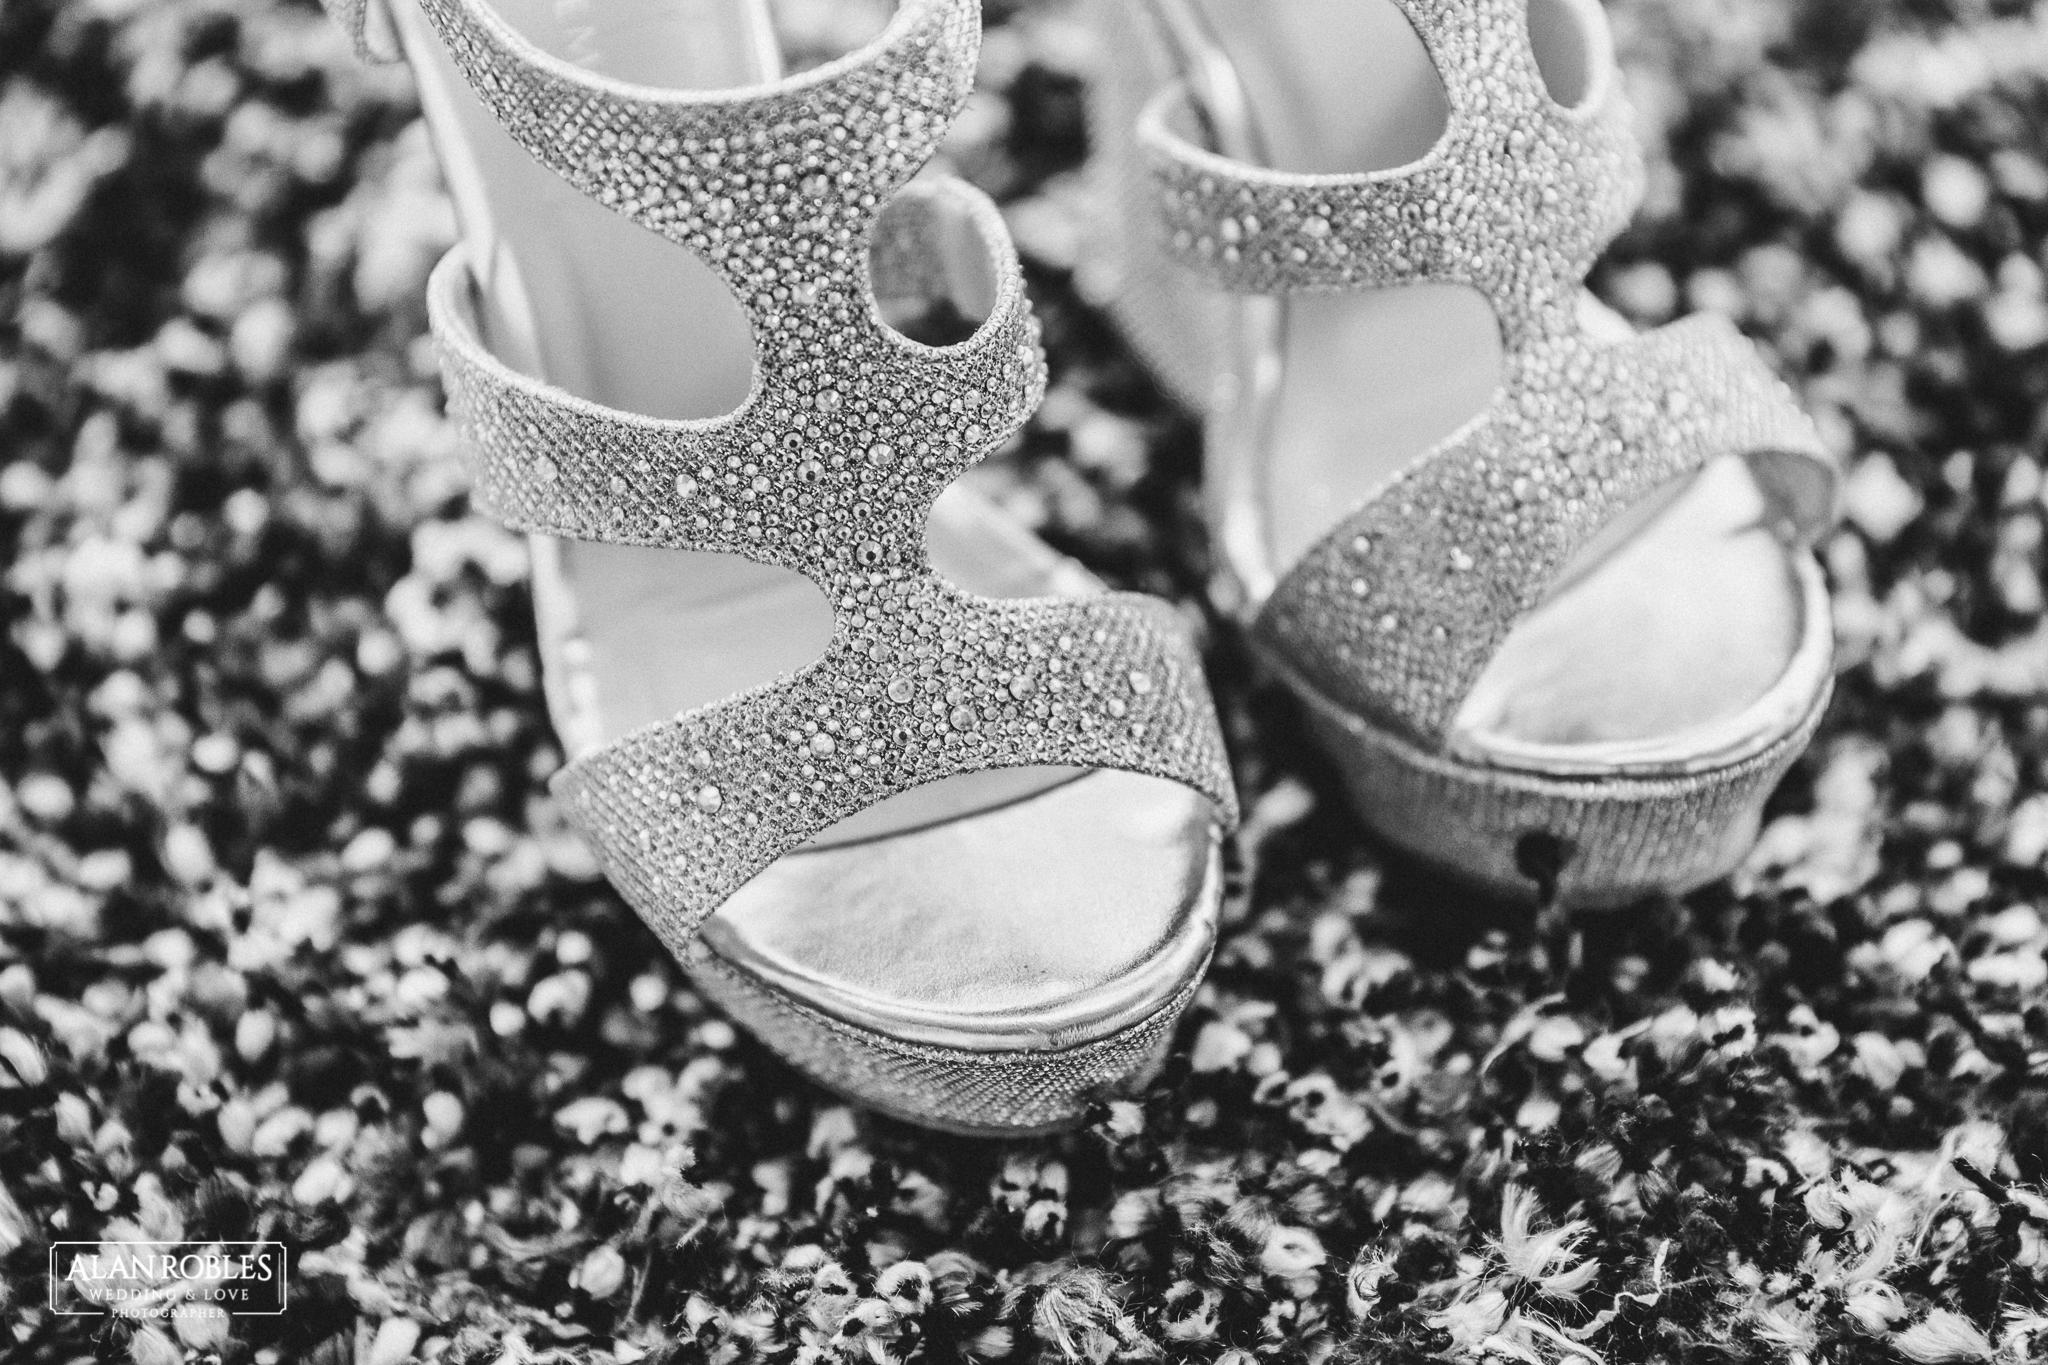 Zapatos de Novia en el Getting Ready en Hacienda Los Pozos en Guadalajara. Alan Robles Fotografo de Bodas.